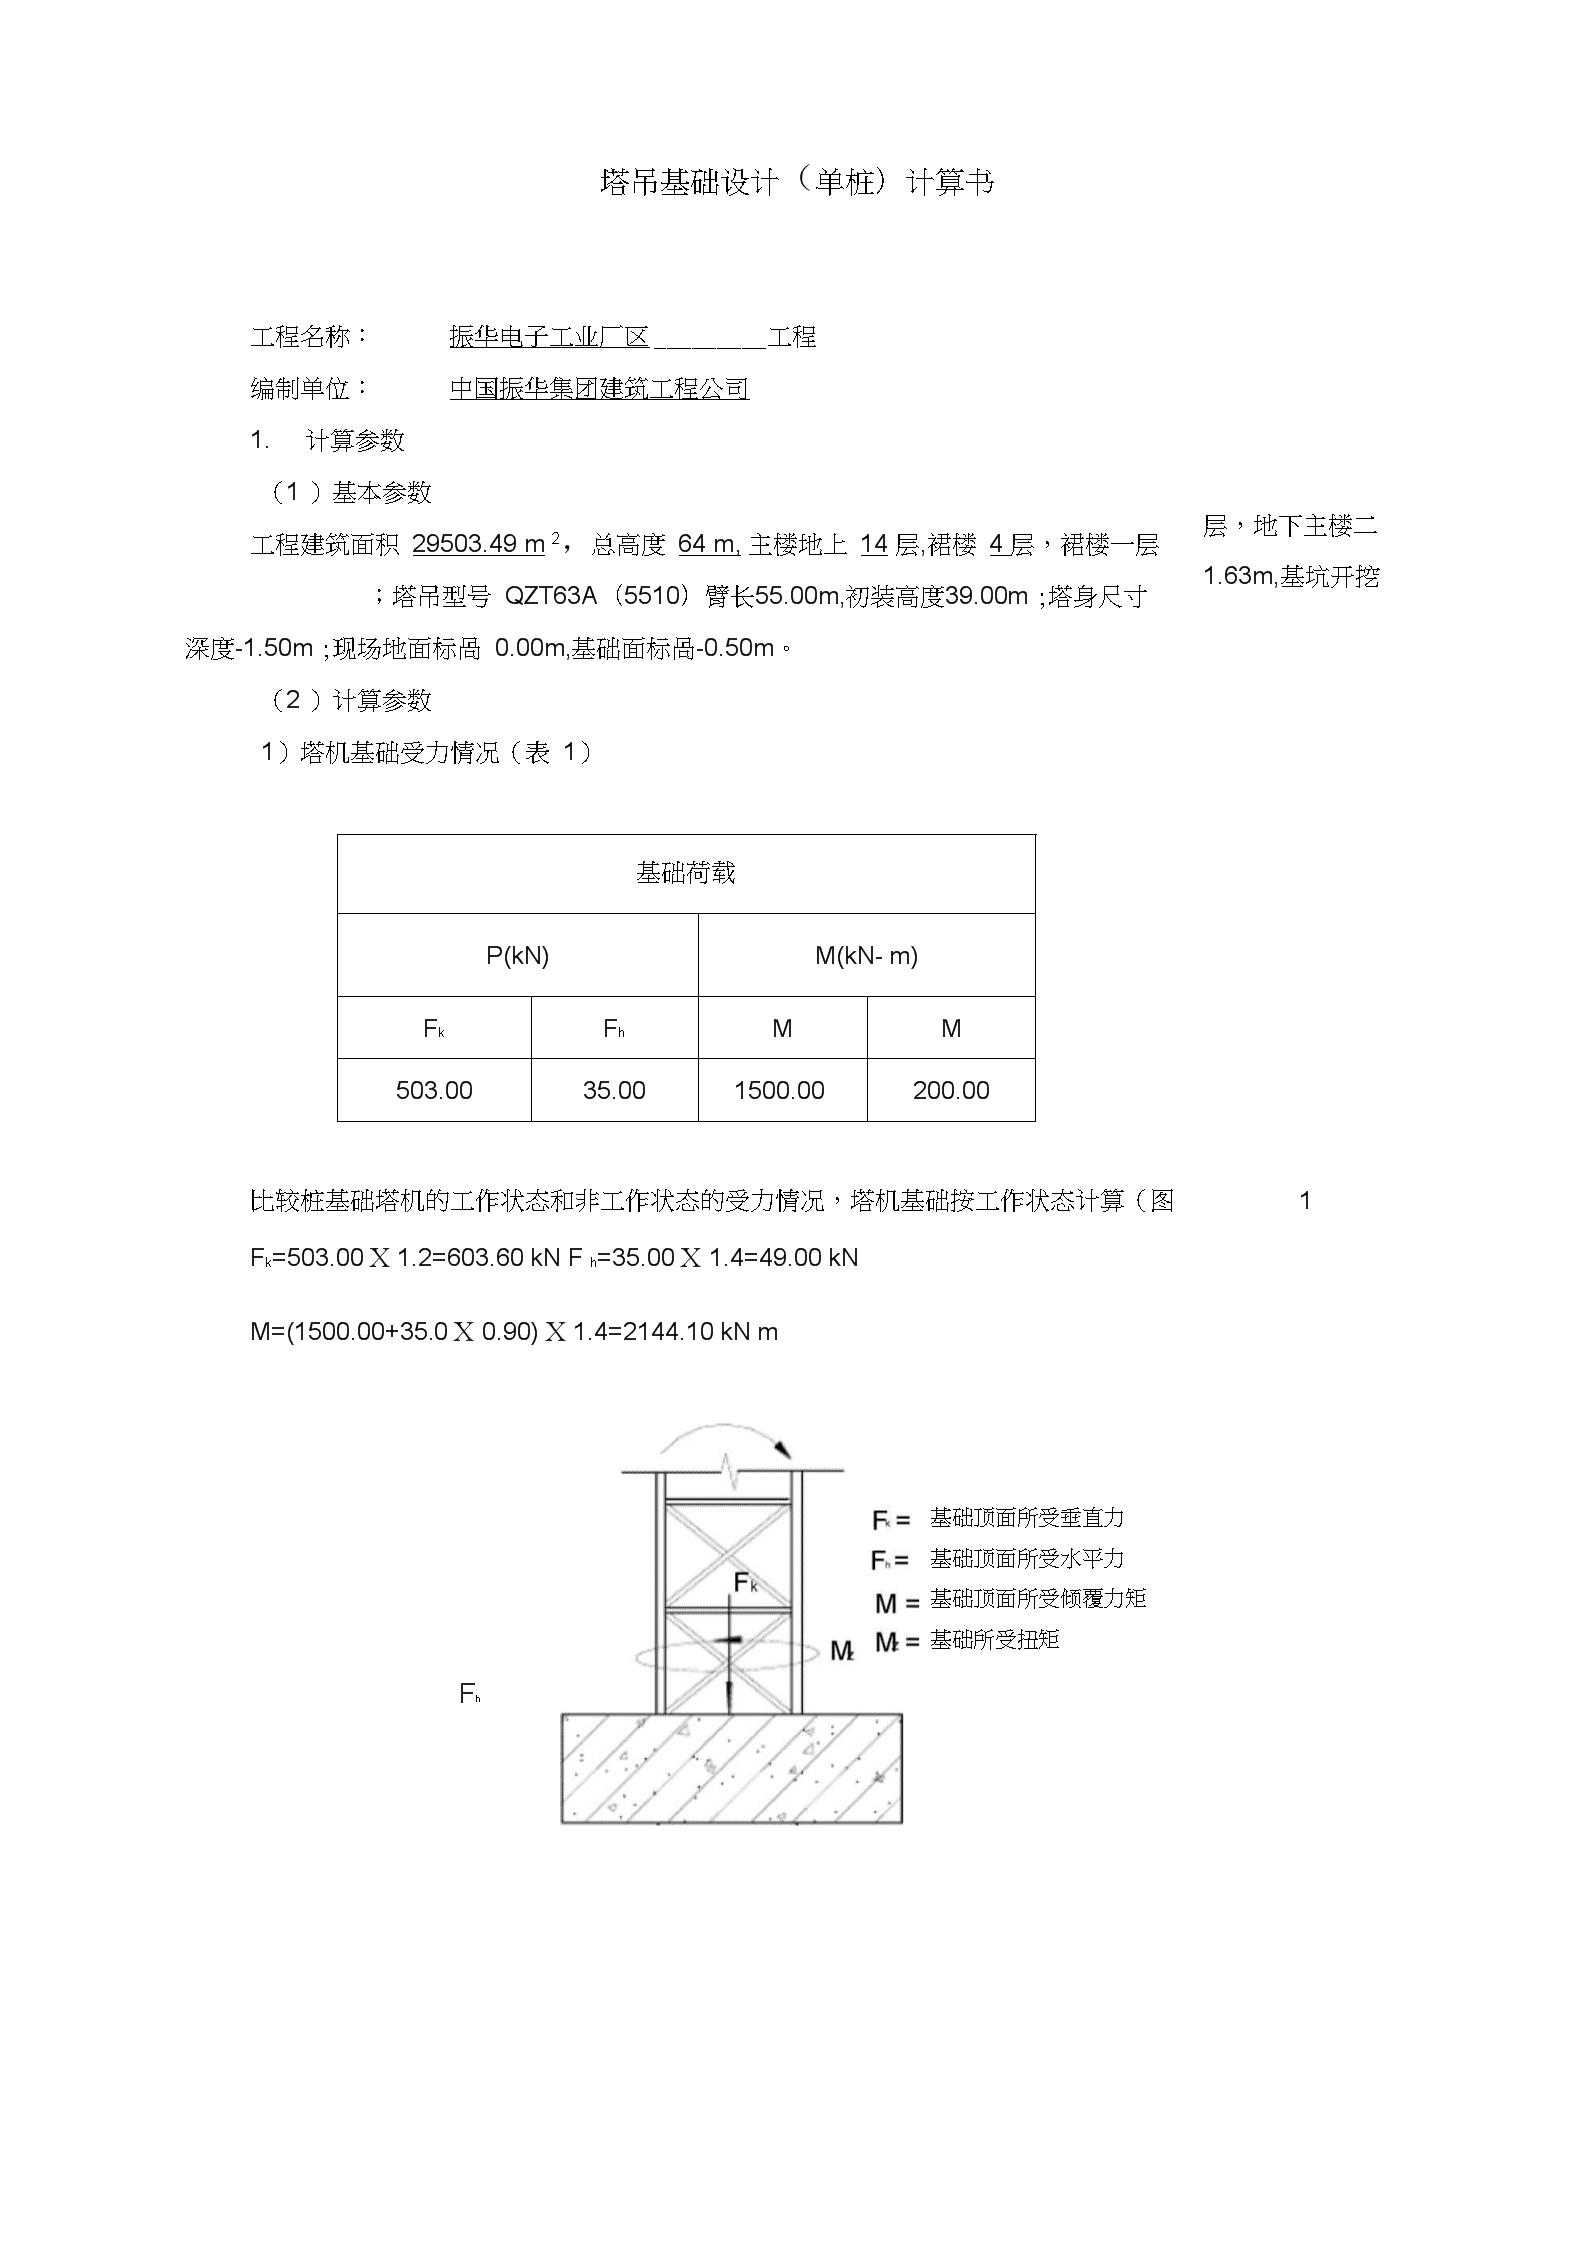 塔吊基础设计(单桩1).docx